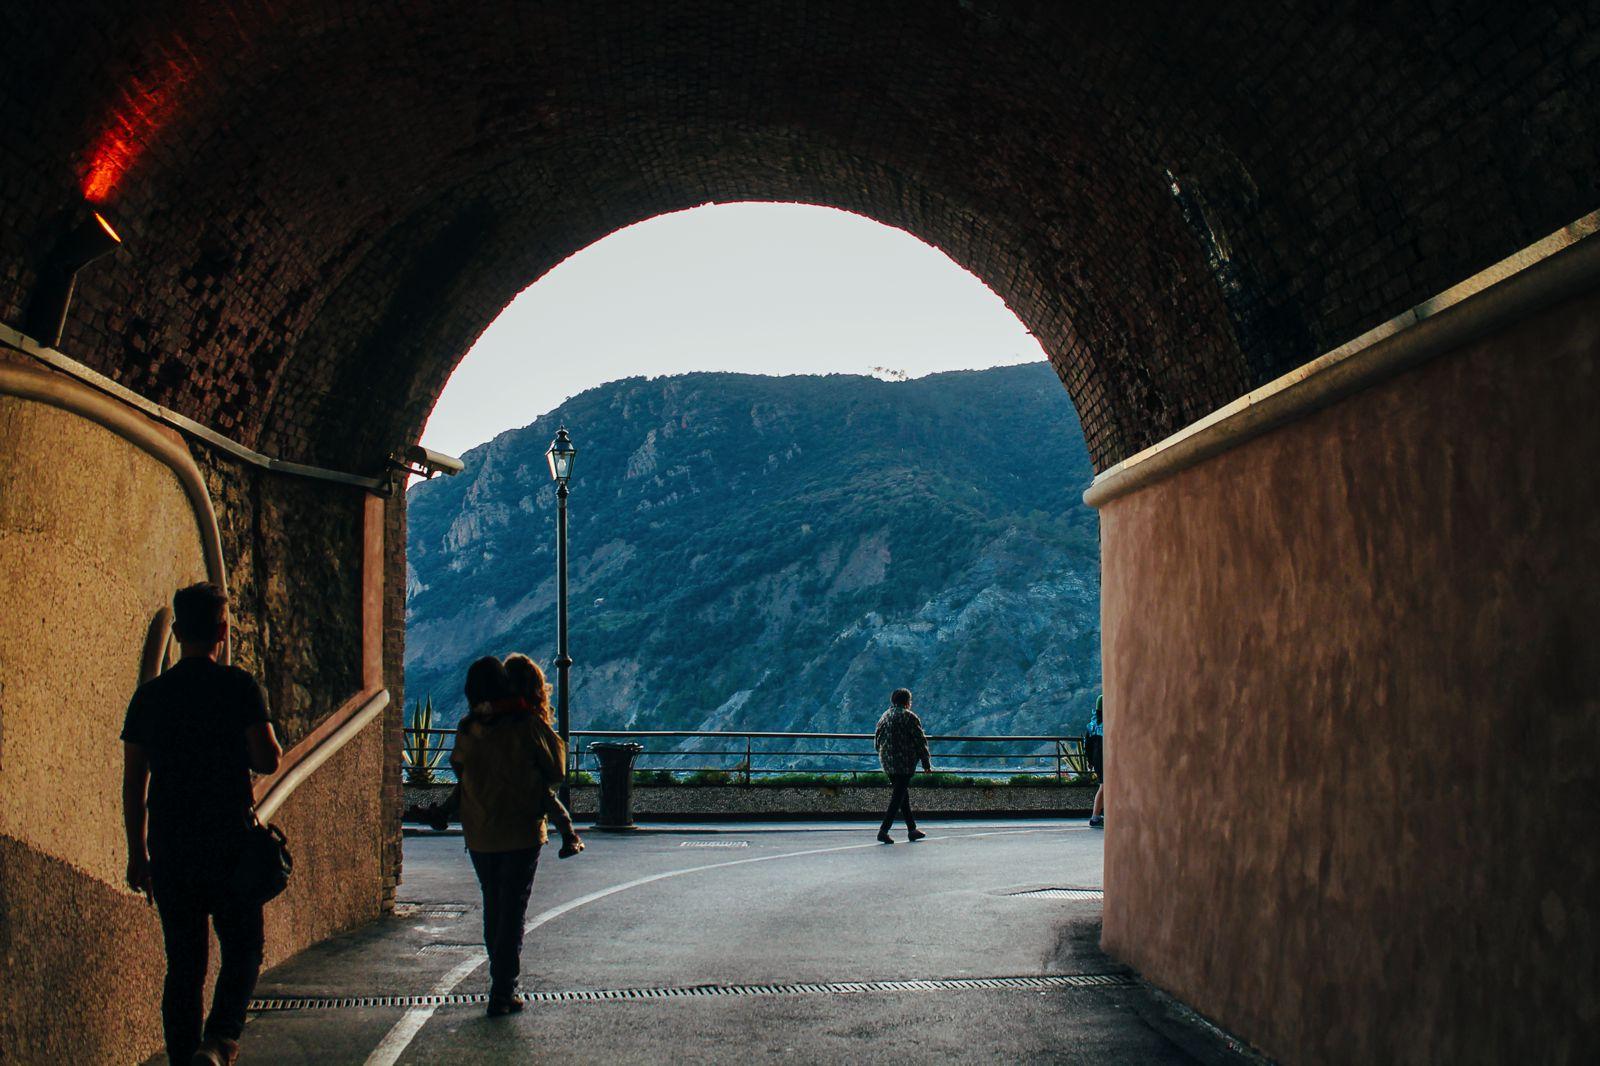 Monterosso al Mare in Cinque Terre, Italy - The Photo Diary! [5 of 5] (1)